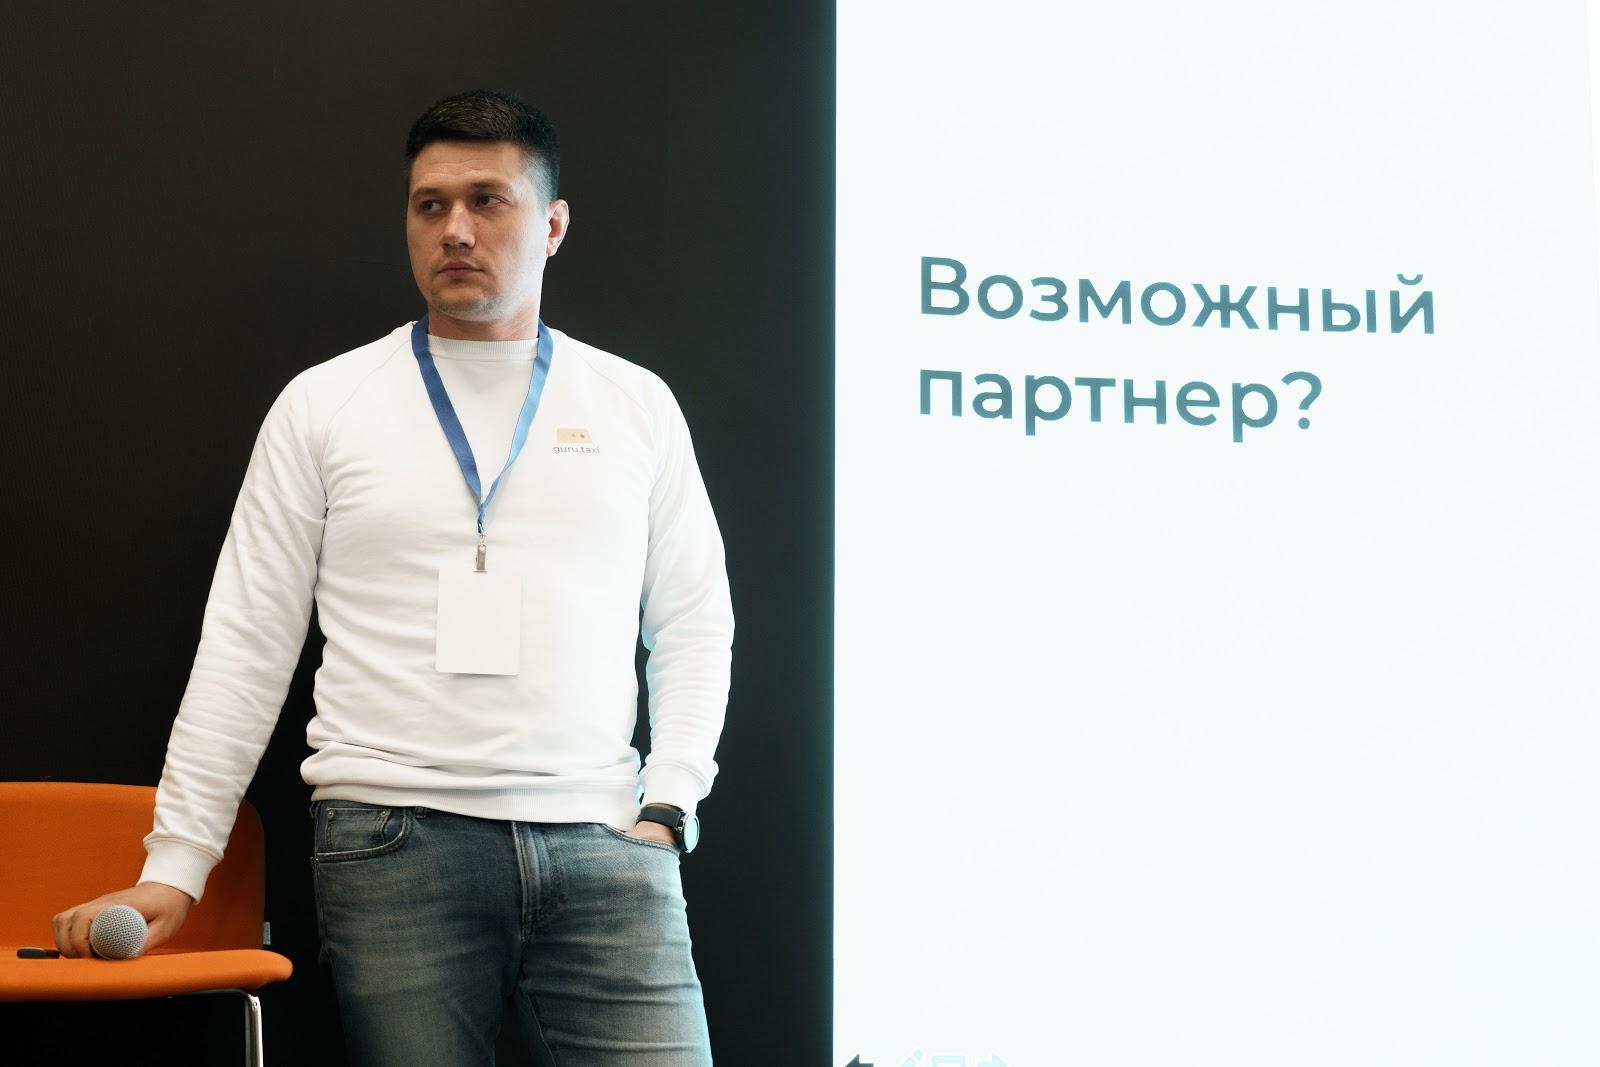 [recovery mode] Почему мы решили запустить корпоративный акселератор «Газпром нефти» StartupDrive, и кто уже его прошел